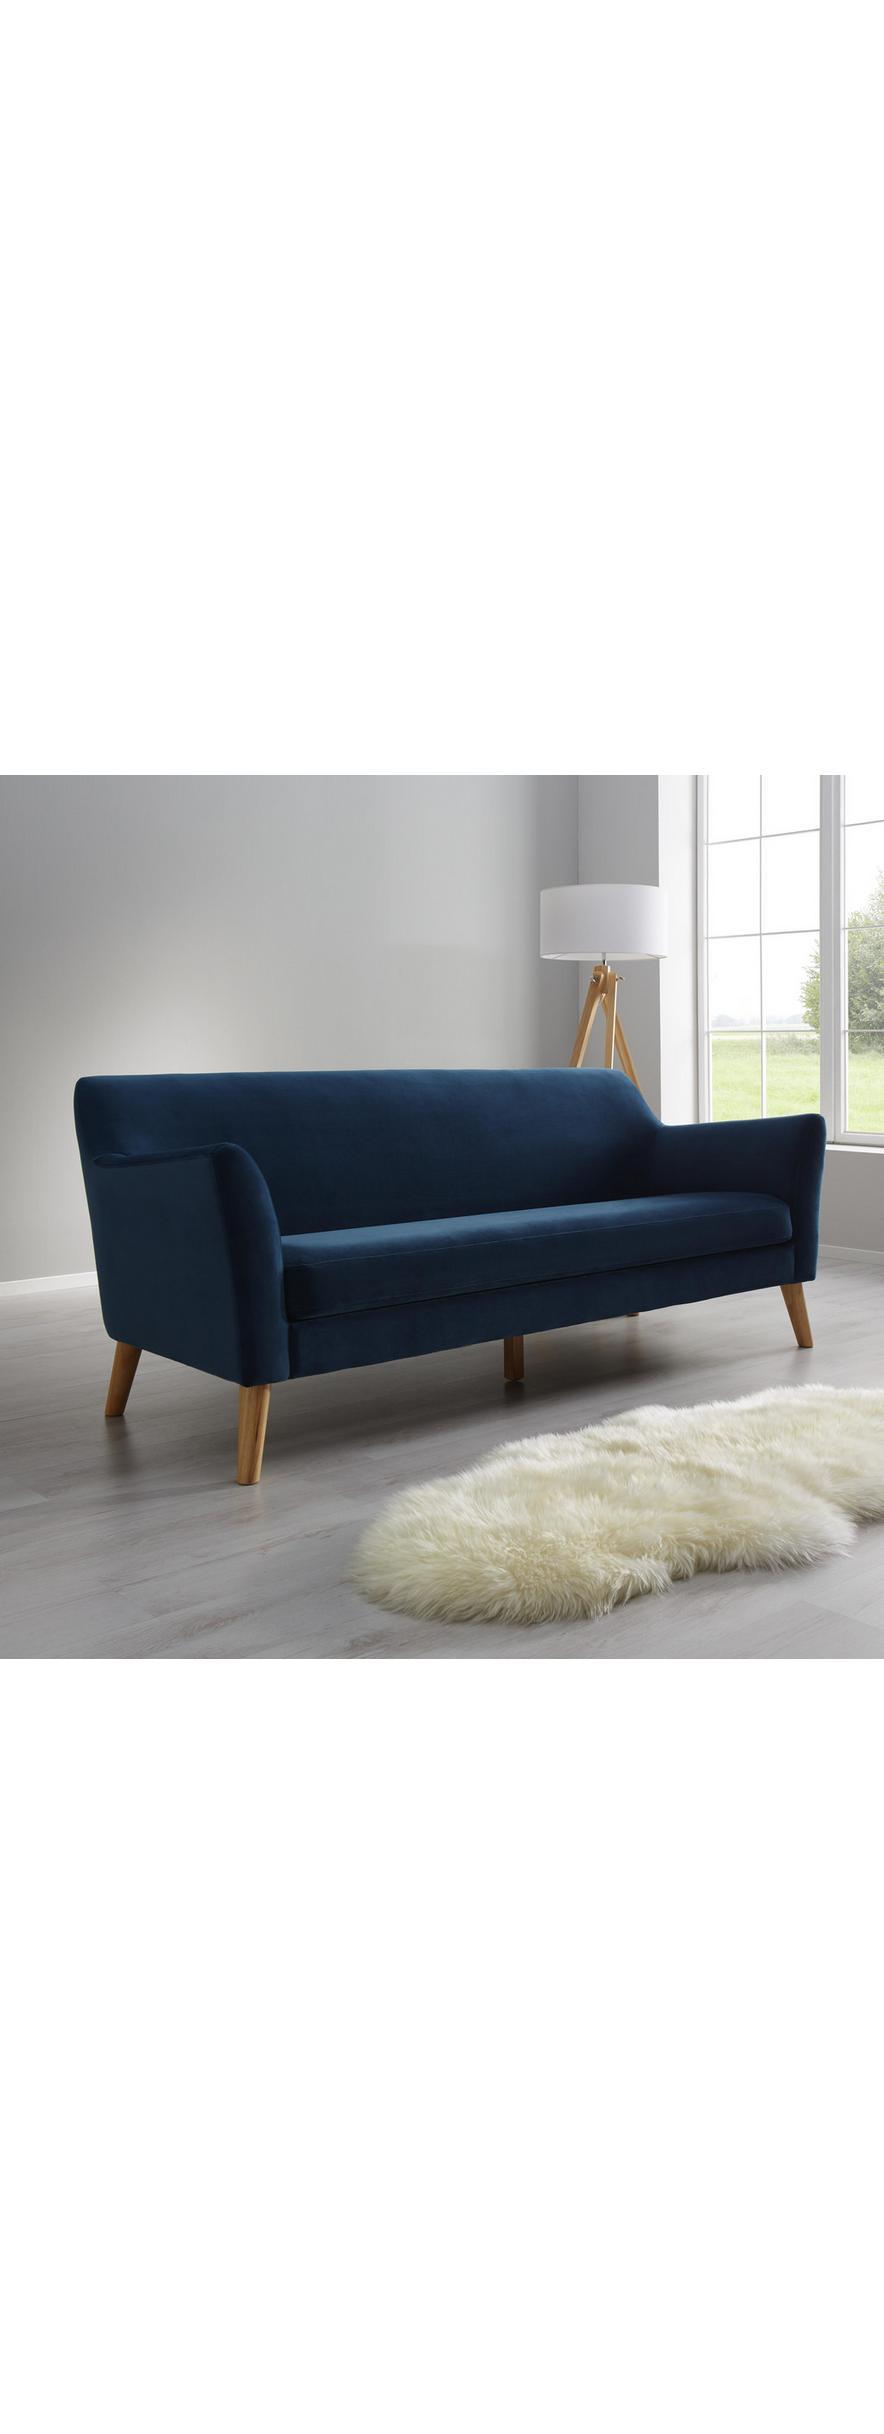 Full Size of Dreisitzer Sofa In Blau Online Bestellen Poco Big Echtleder Mondo Alternatives Aus Matratzen Landhaus Lagerverkauf Ausziehbar Leder Stoff Barock Eck Liege Sofa Sofa Blau